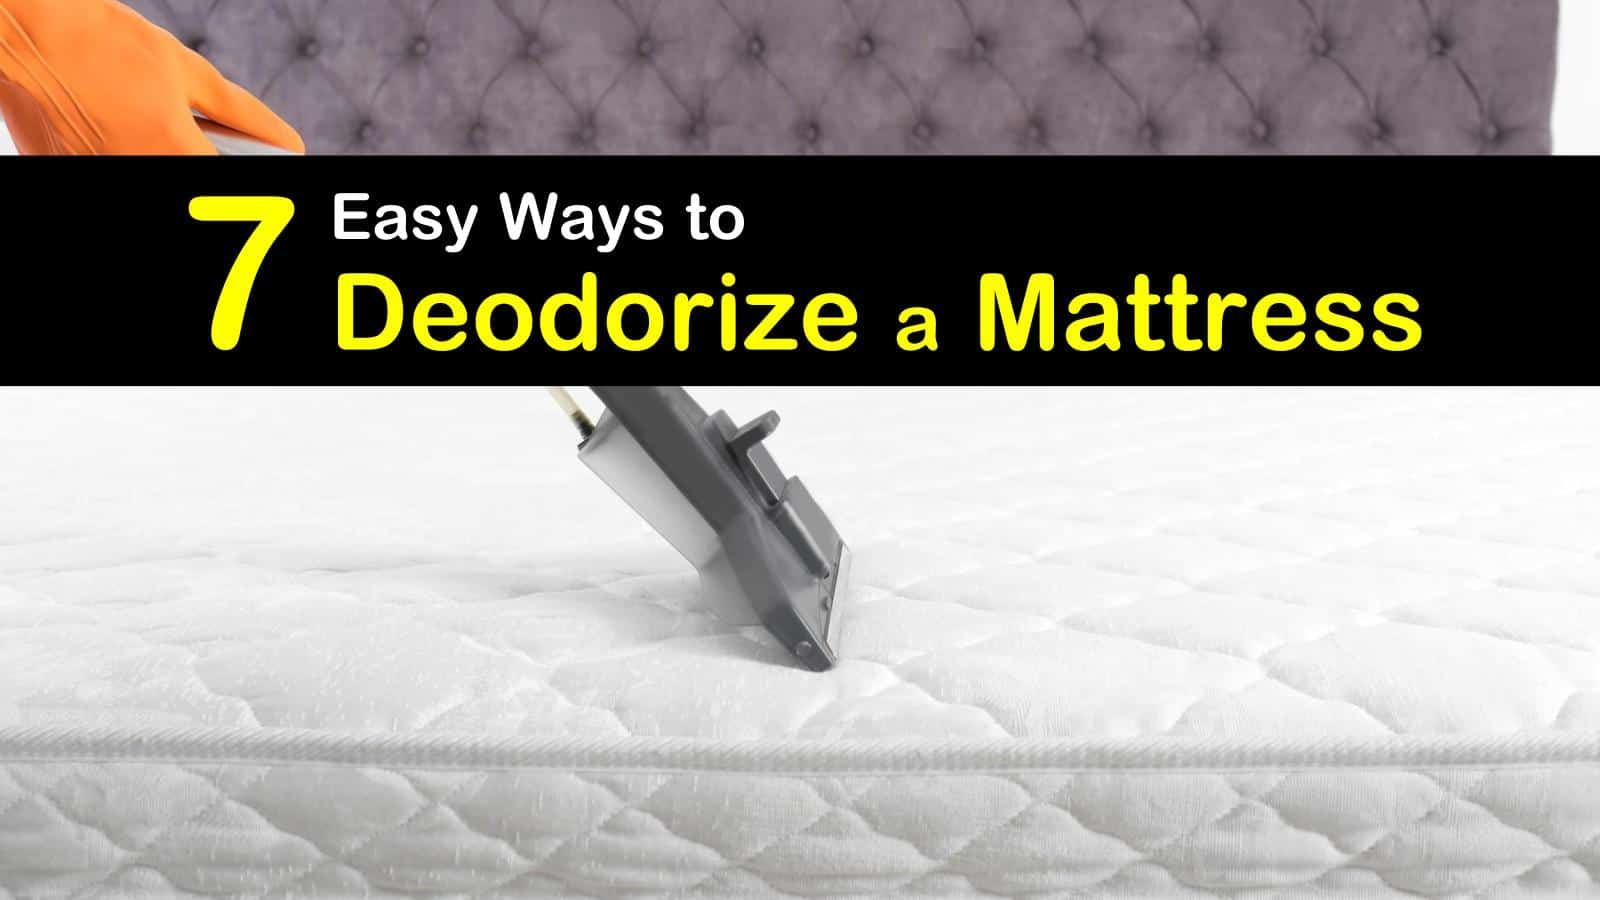 how to deodorize a mattress titleimg1